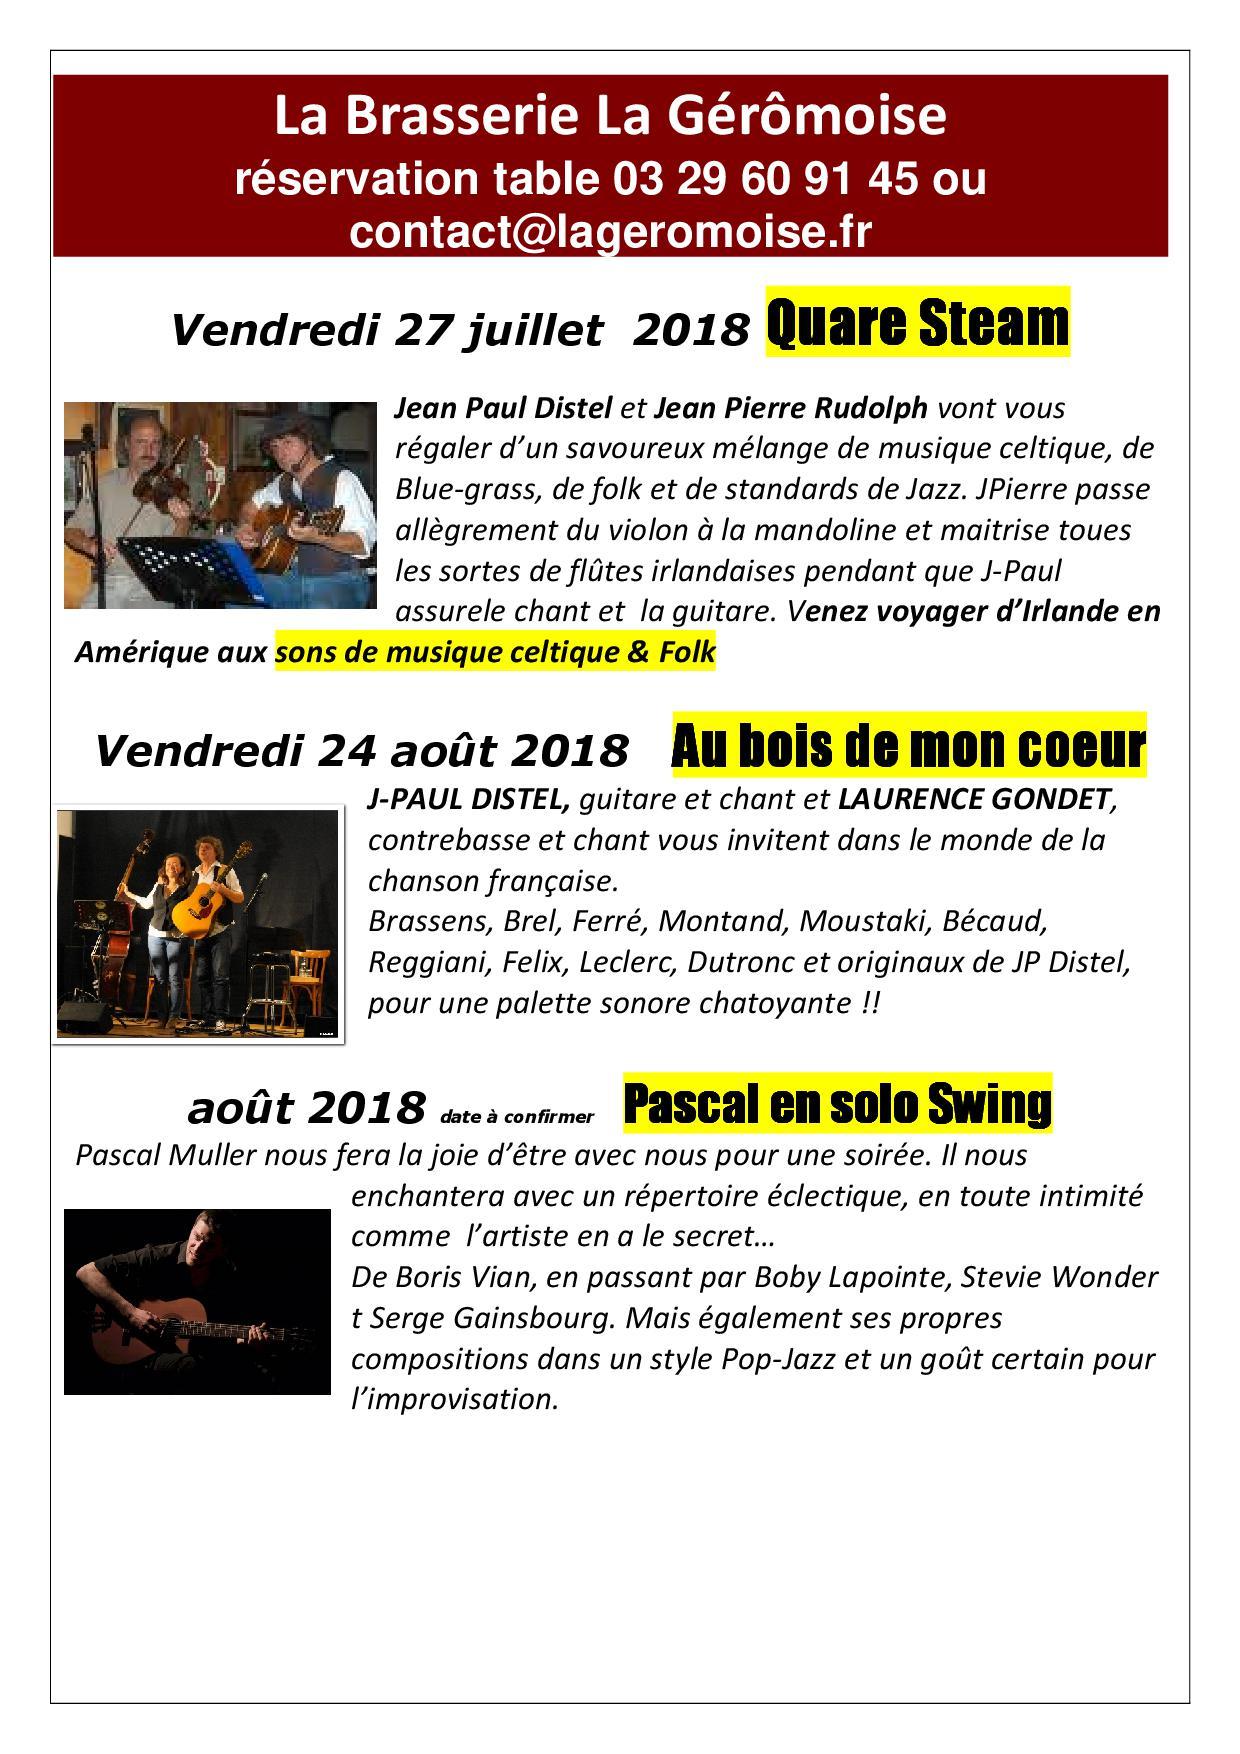 concerts-juillet-et-aout-2018-quare-steam-au-bois-de-mon-coeur-pascal-muller-photo.jpg